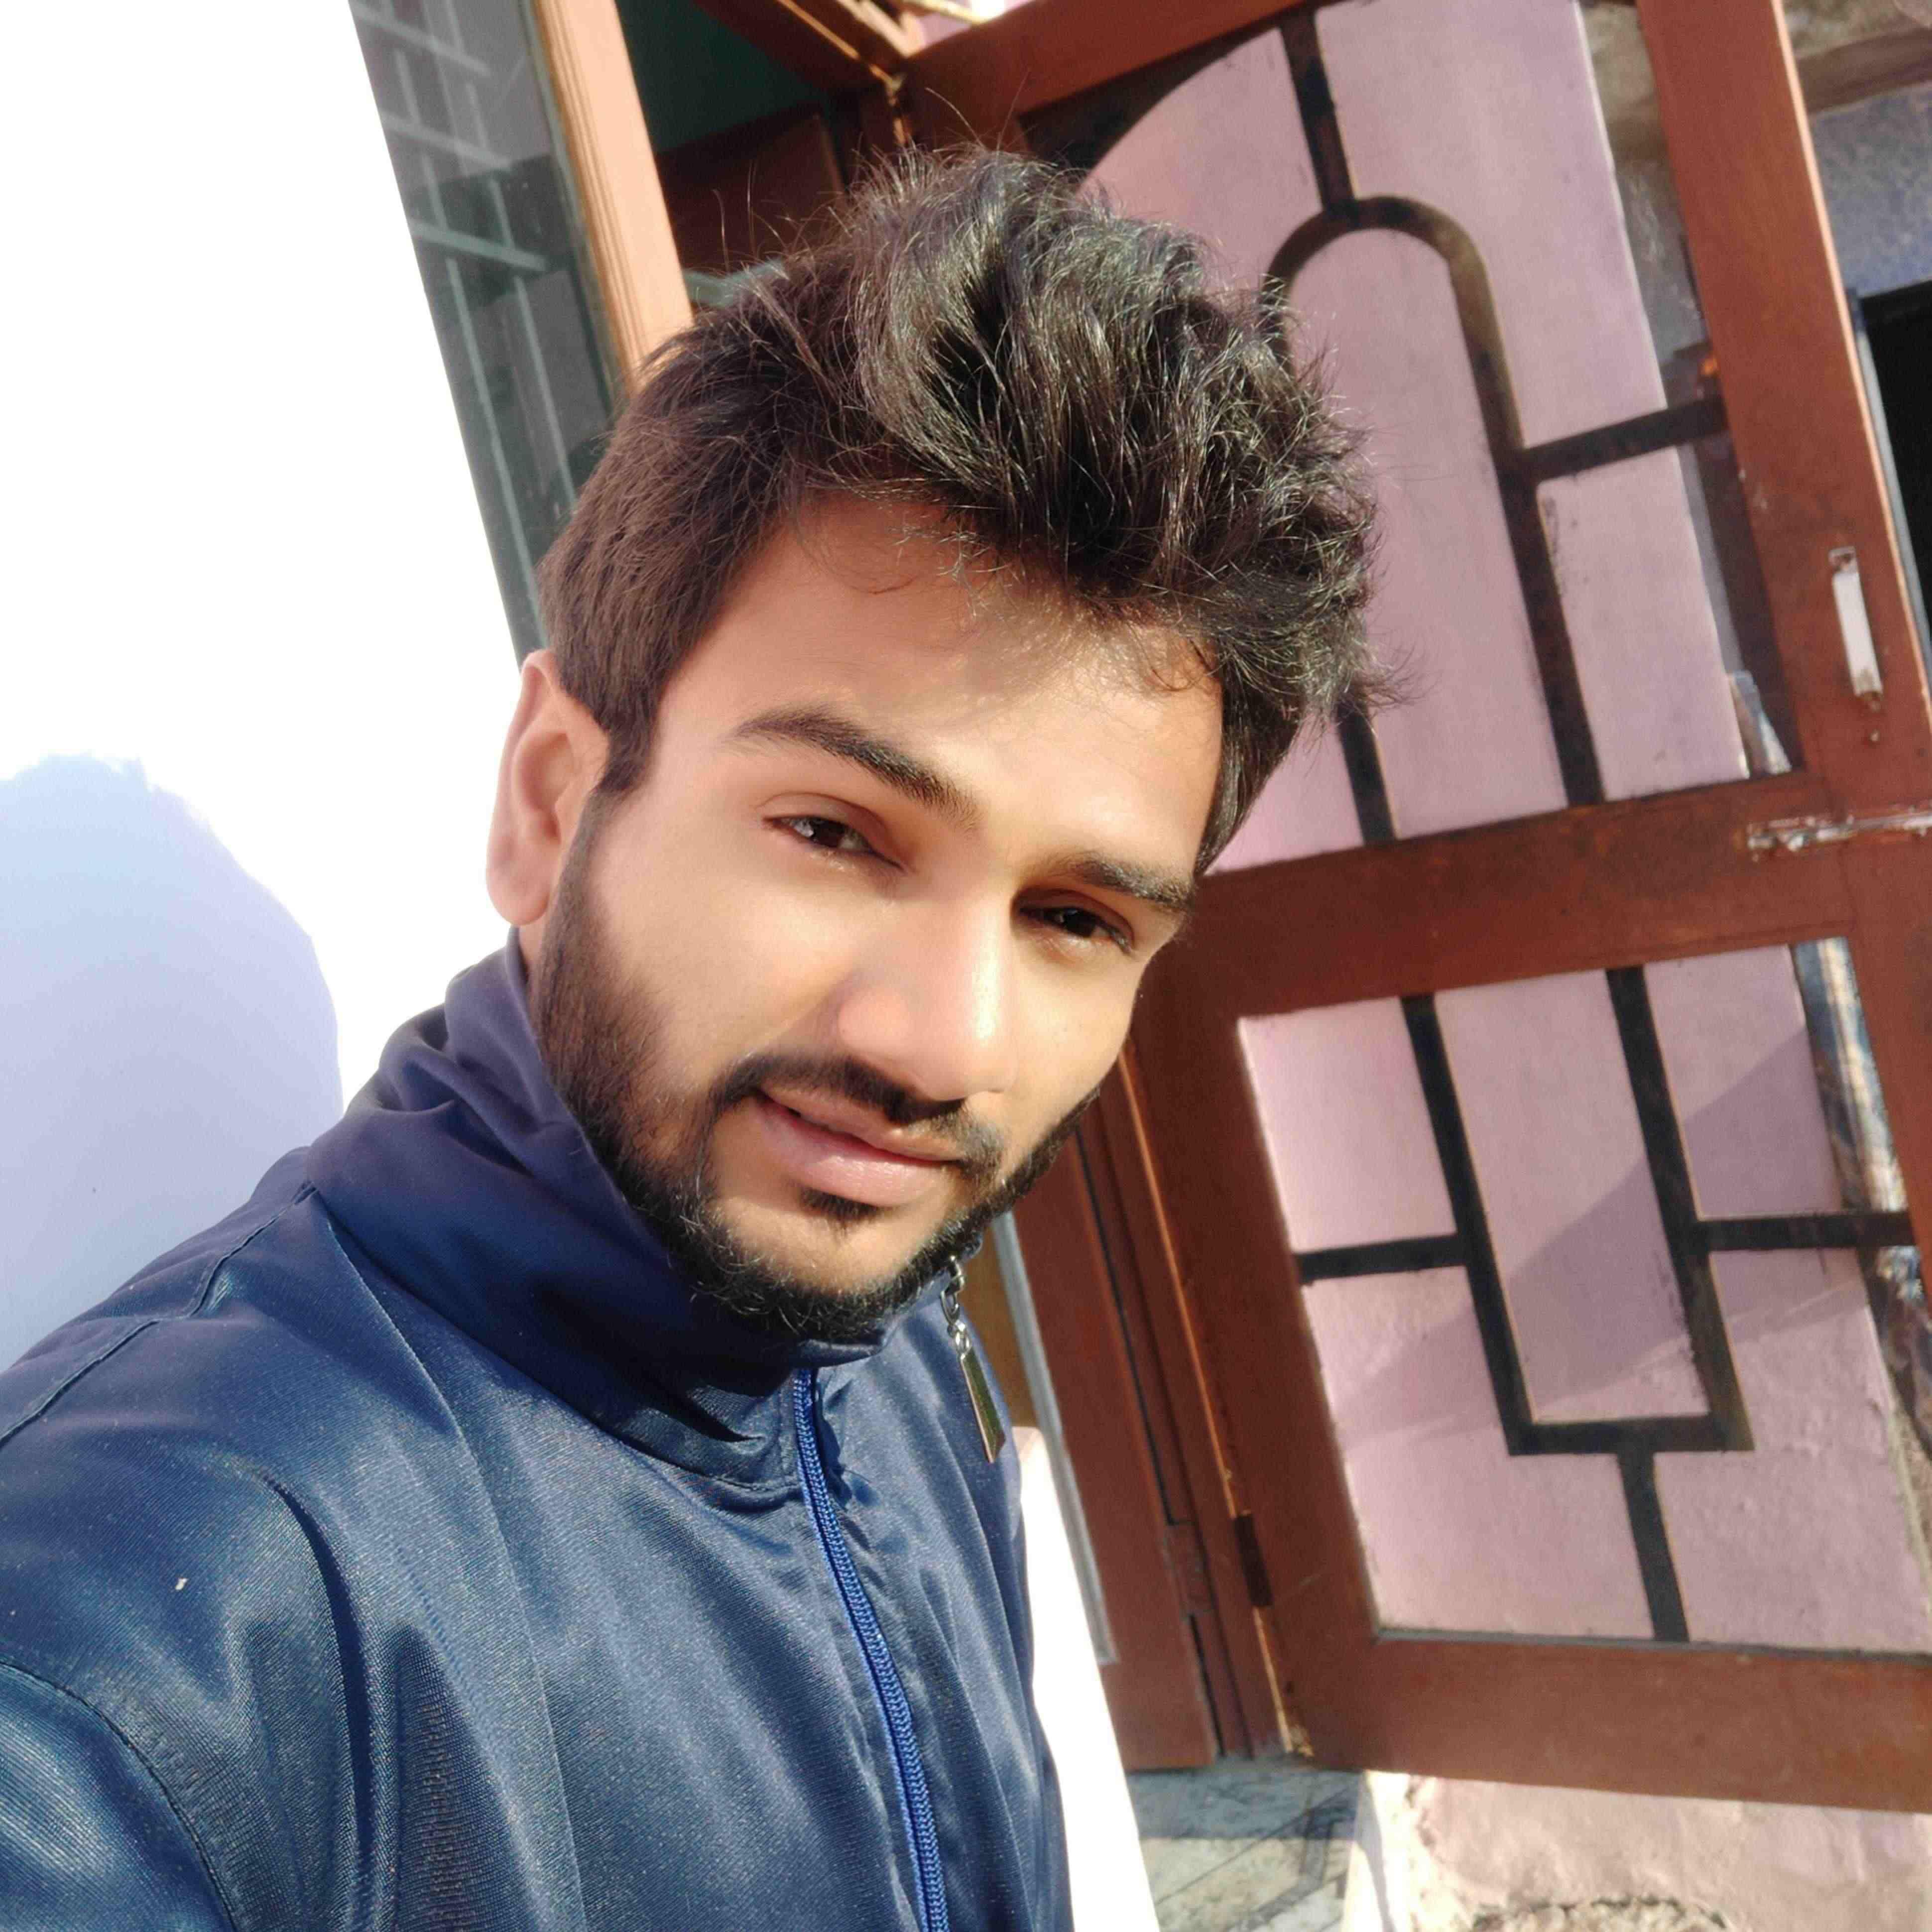 Guglu Choudhary